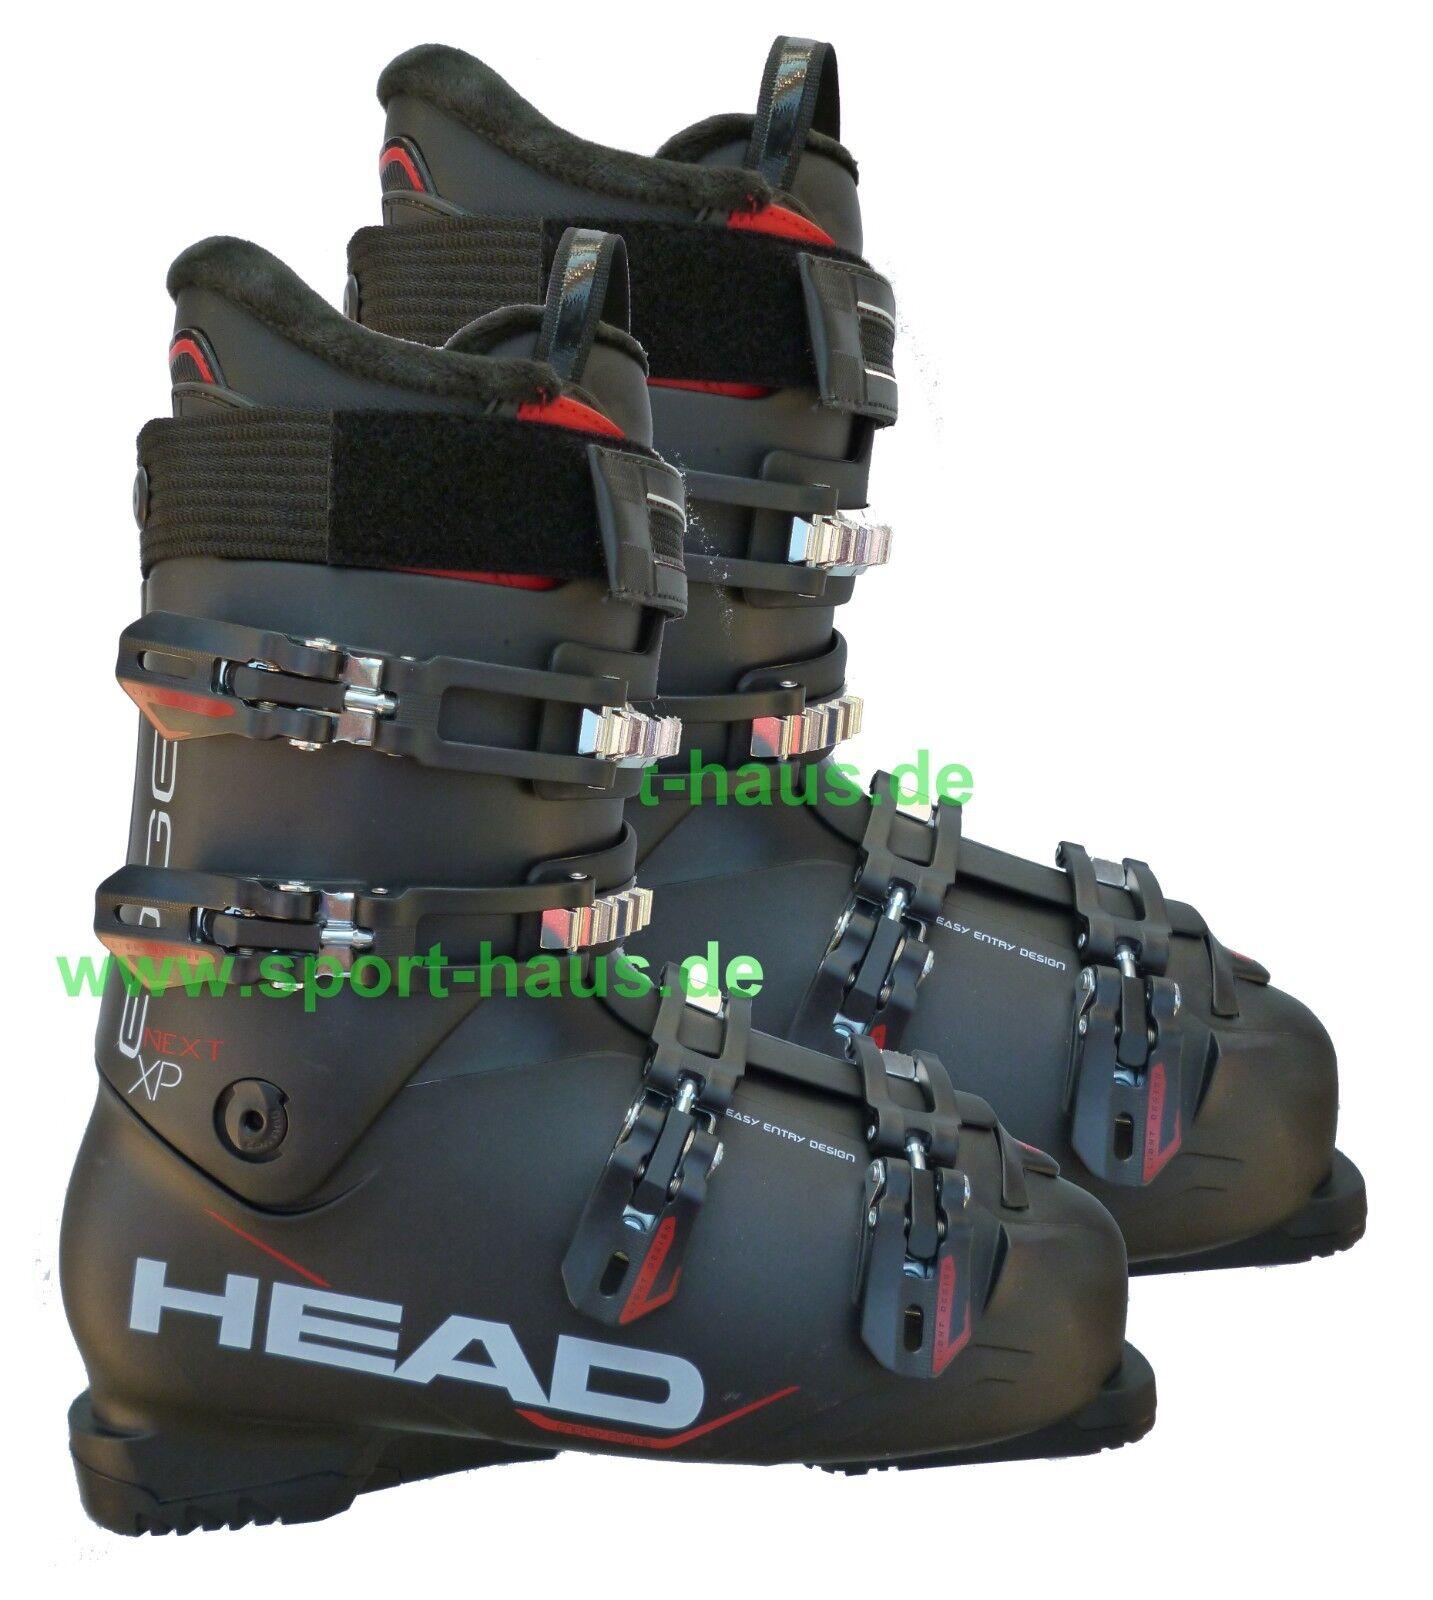 Head XP Sie Abfahrtstiefel - Alpinstiefel Größe 29,0 Farbe in schwarz